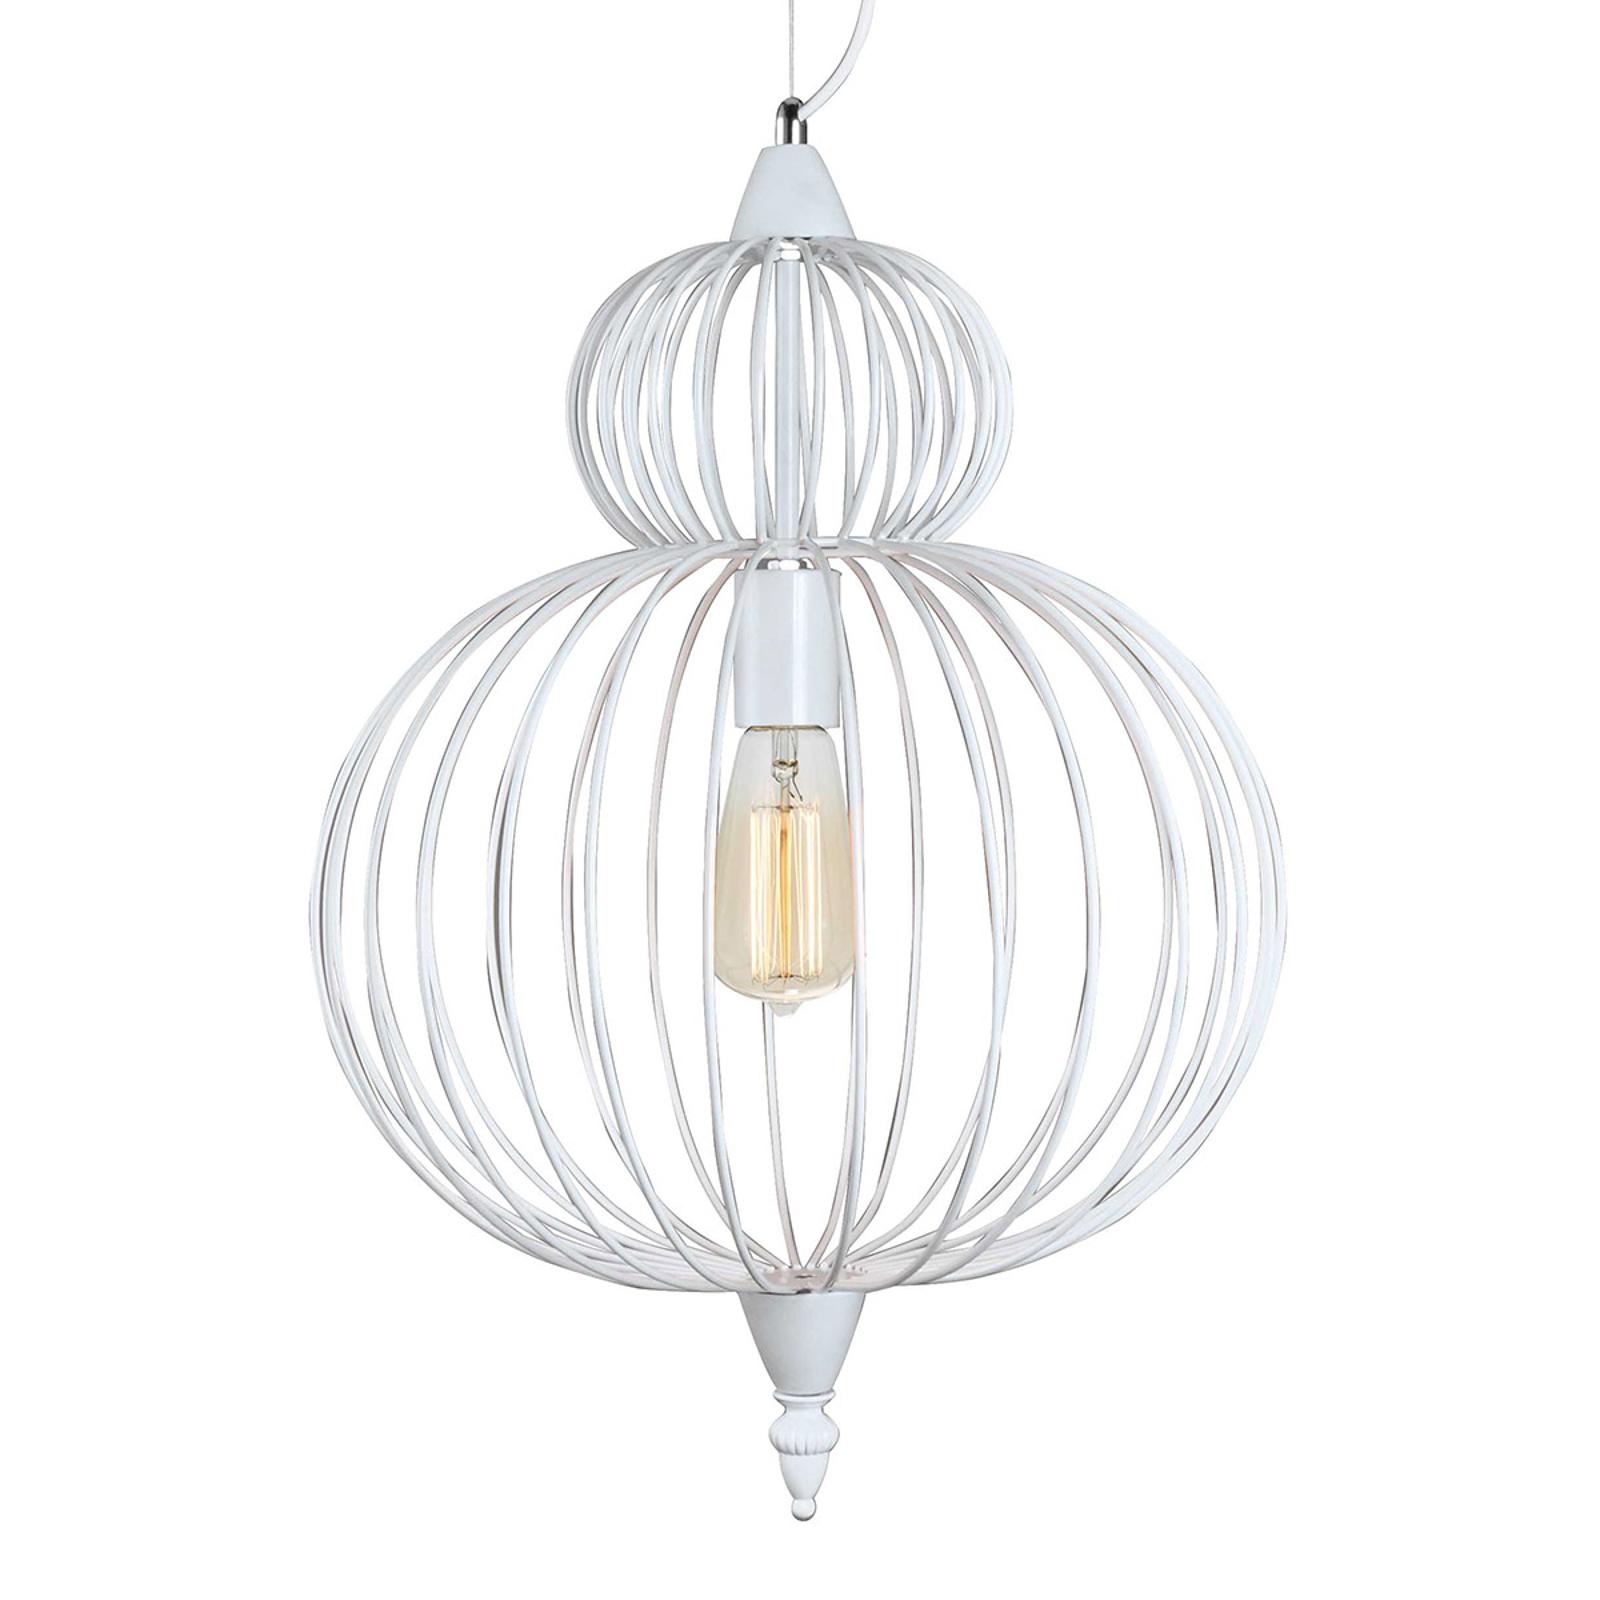 Hanglamp Zola met kooikap in Wit